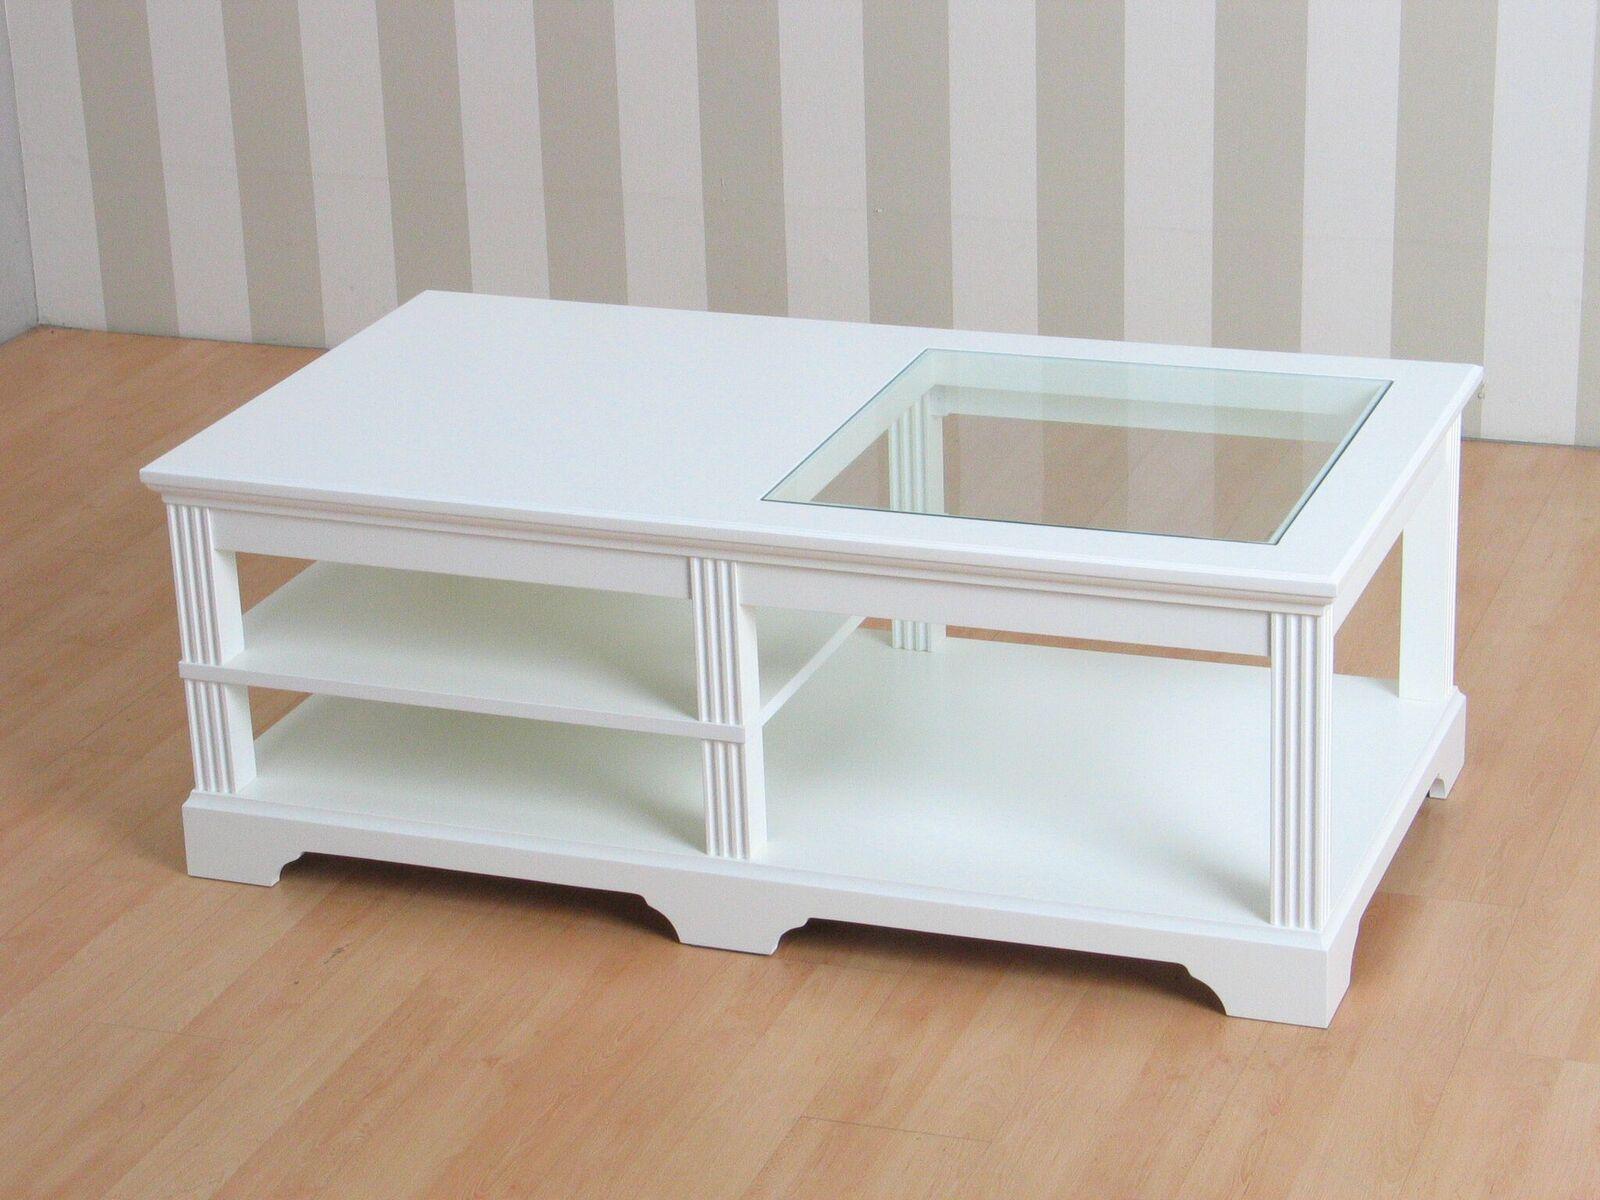 Couchtisch charlot 70x130 cm wohnzimmer glas tisch for Beistelltisch x beine